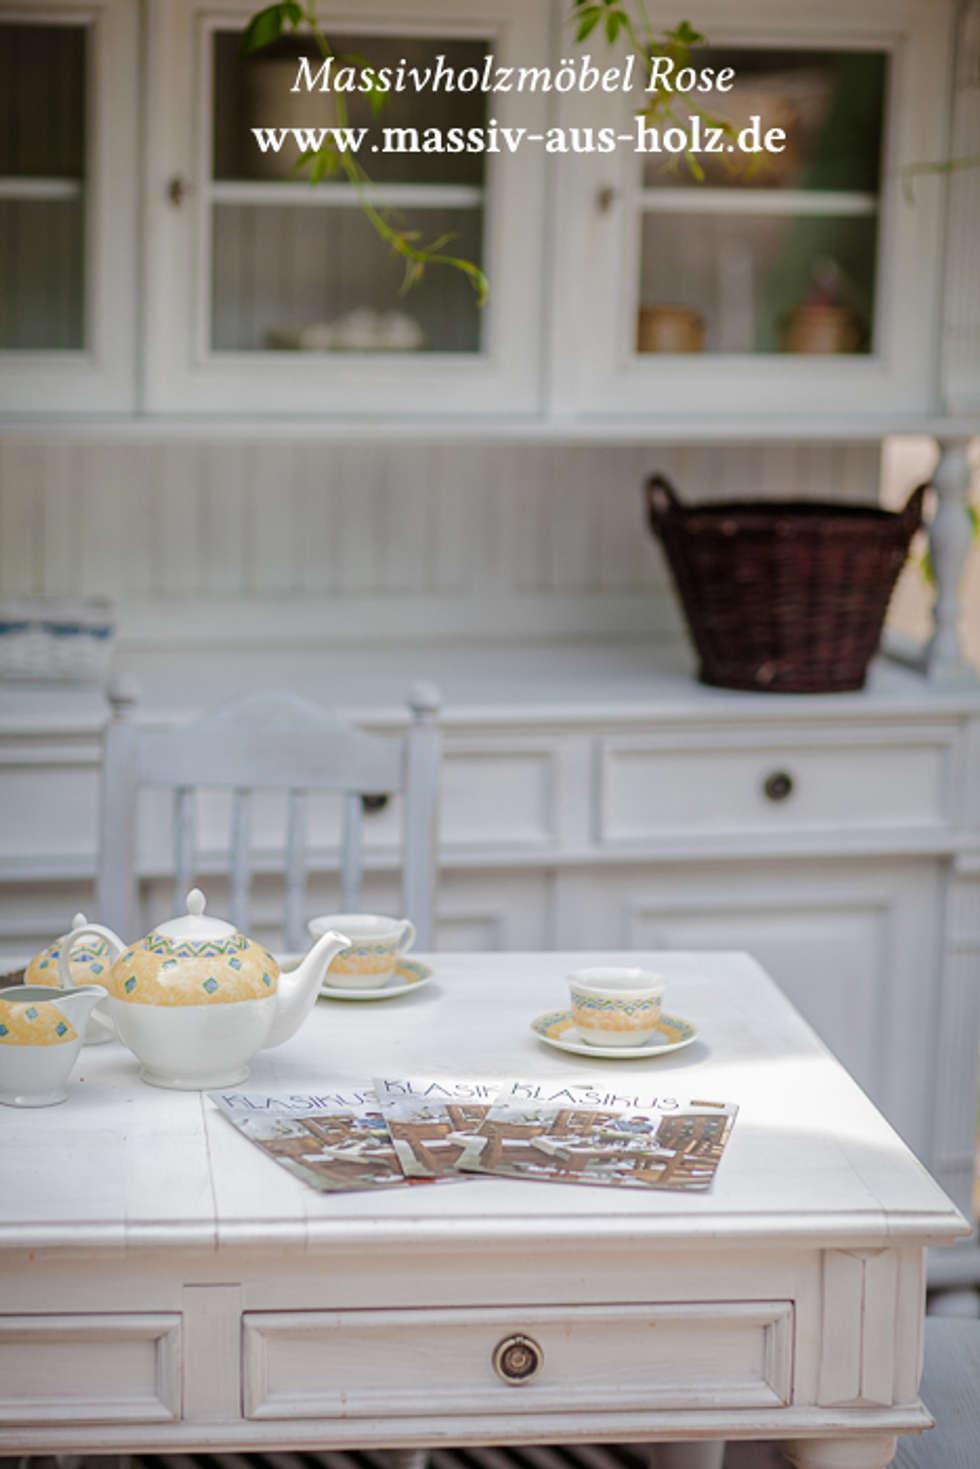 Attraktiv Landhausmöbel Esszimmer Dekoration Von Möbel Weiß: Mediterrane Von Massiv Aus Holz